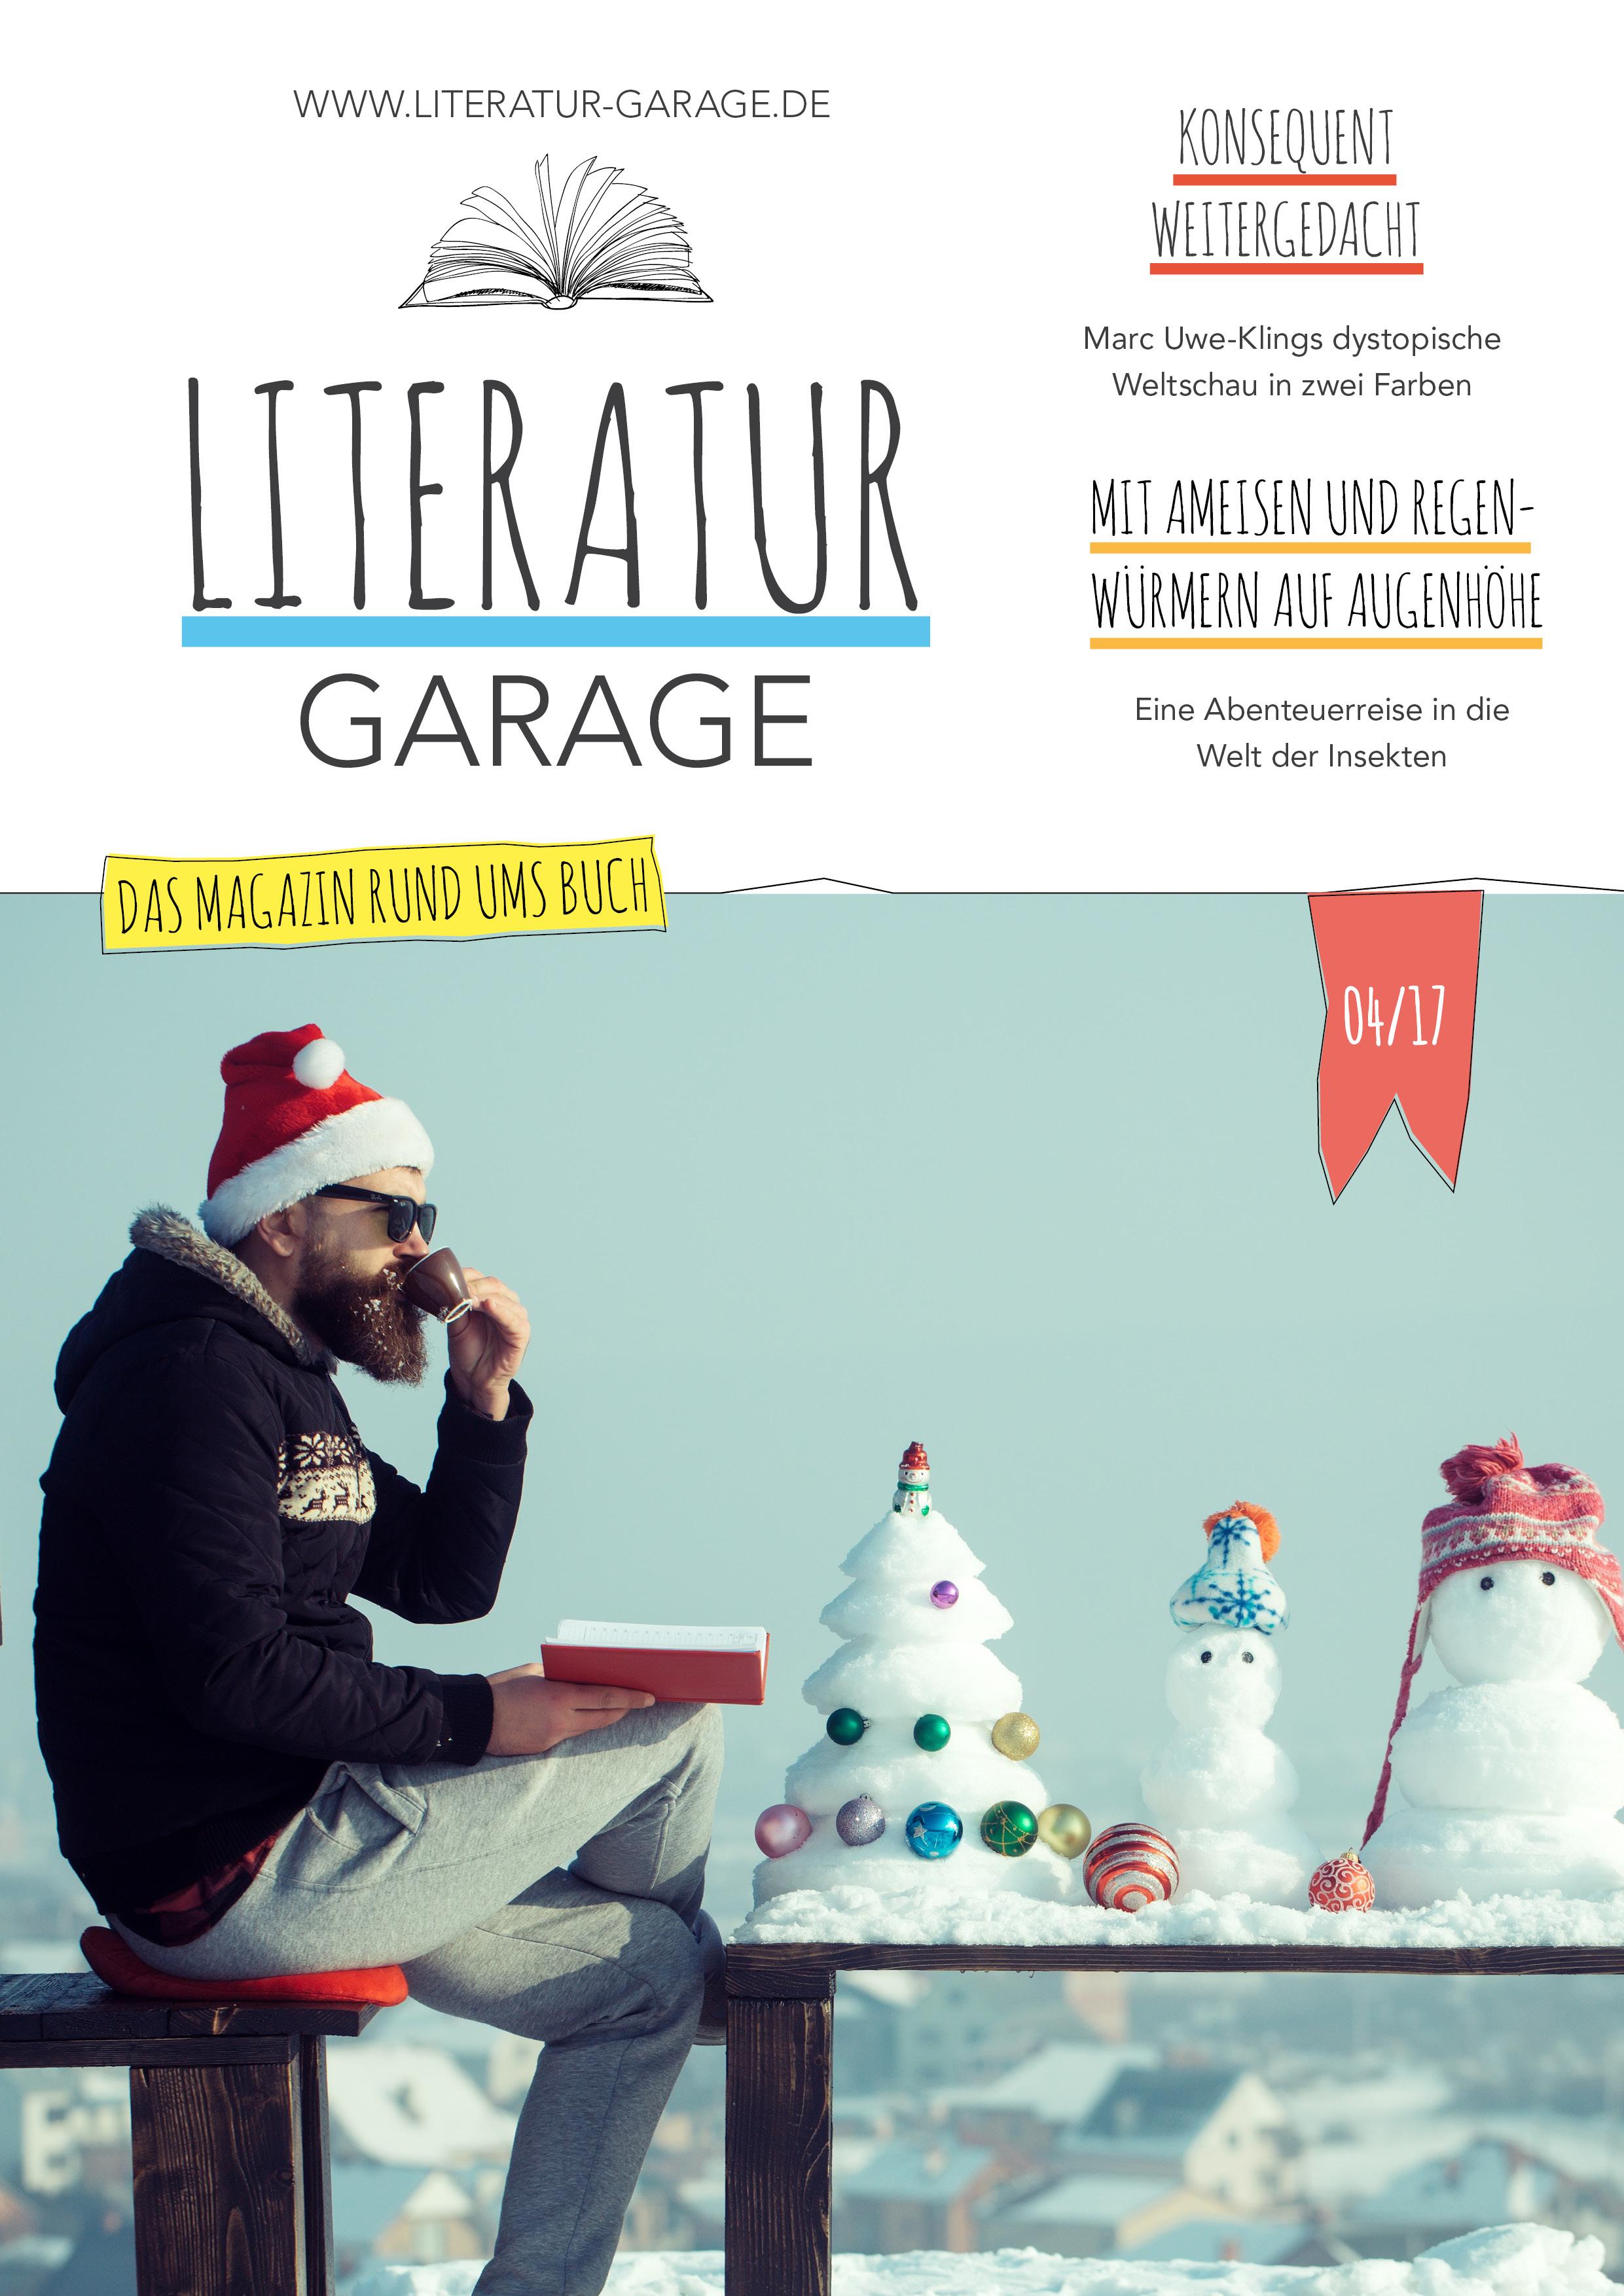 Cover Literaturgarage4_17